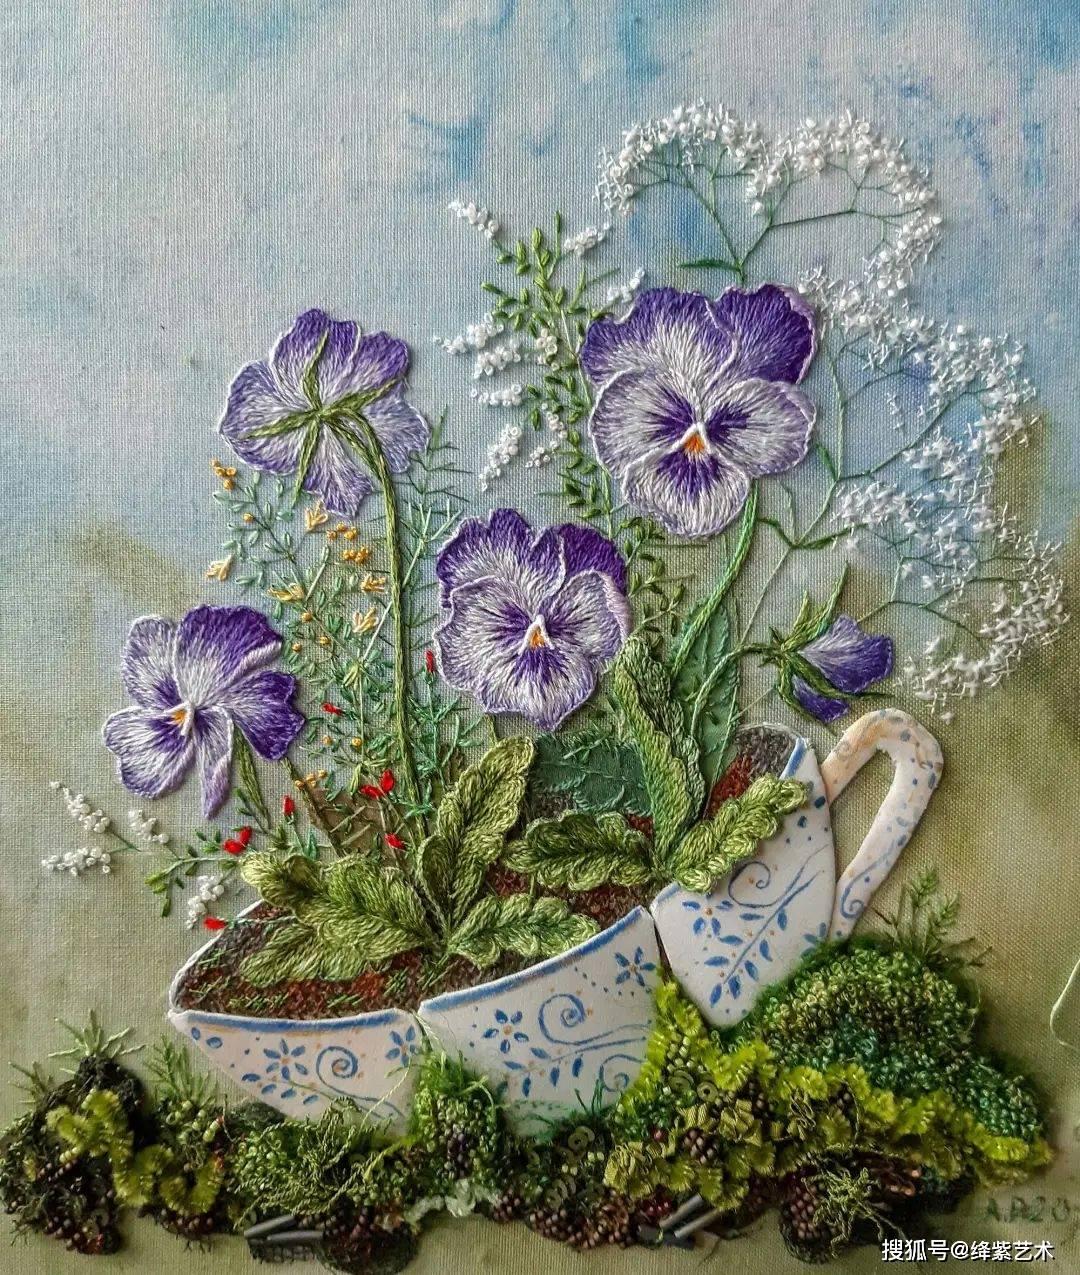 她用拙劣的刺绣技法,创作出堪比大师的作品,好像一幅幅美丽的画_工艺